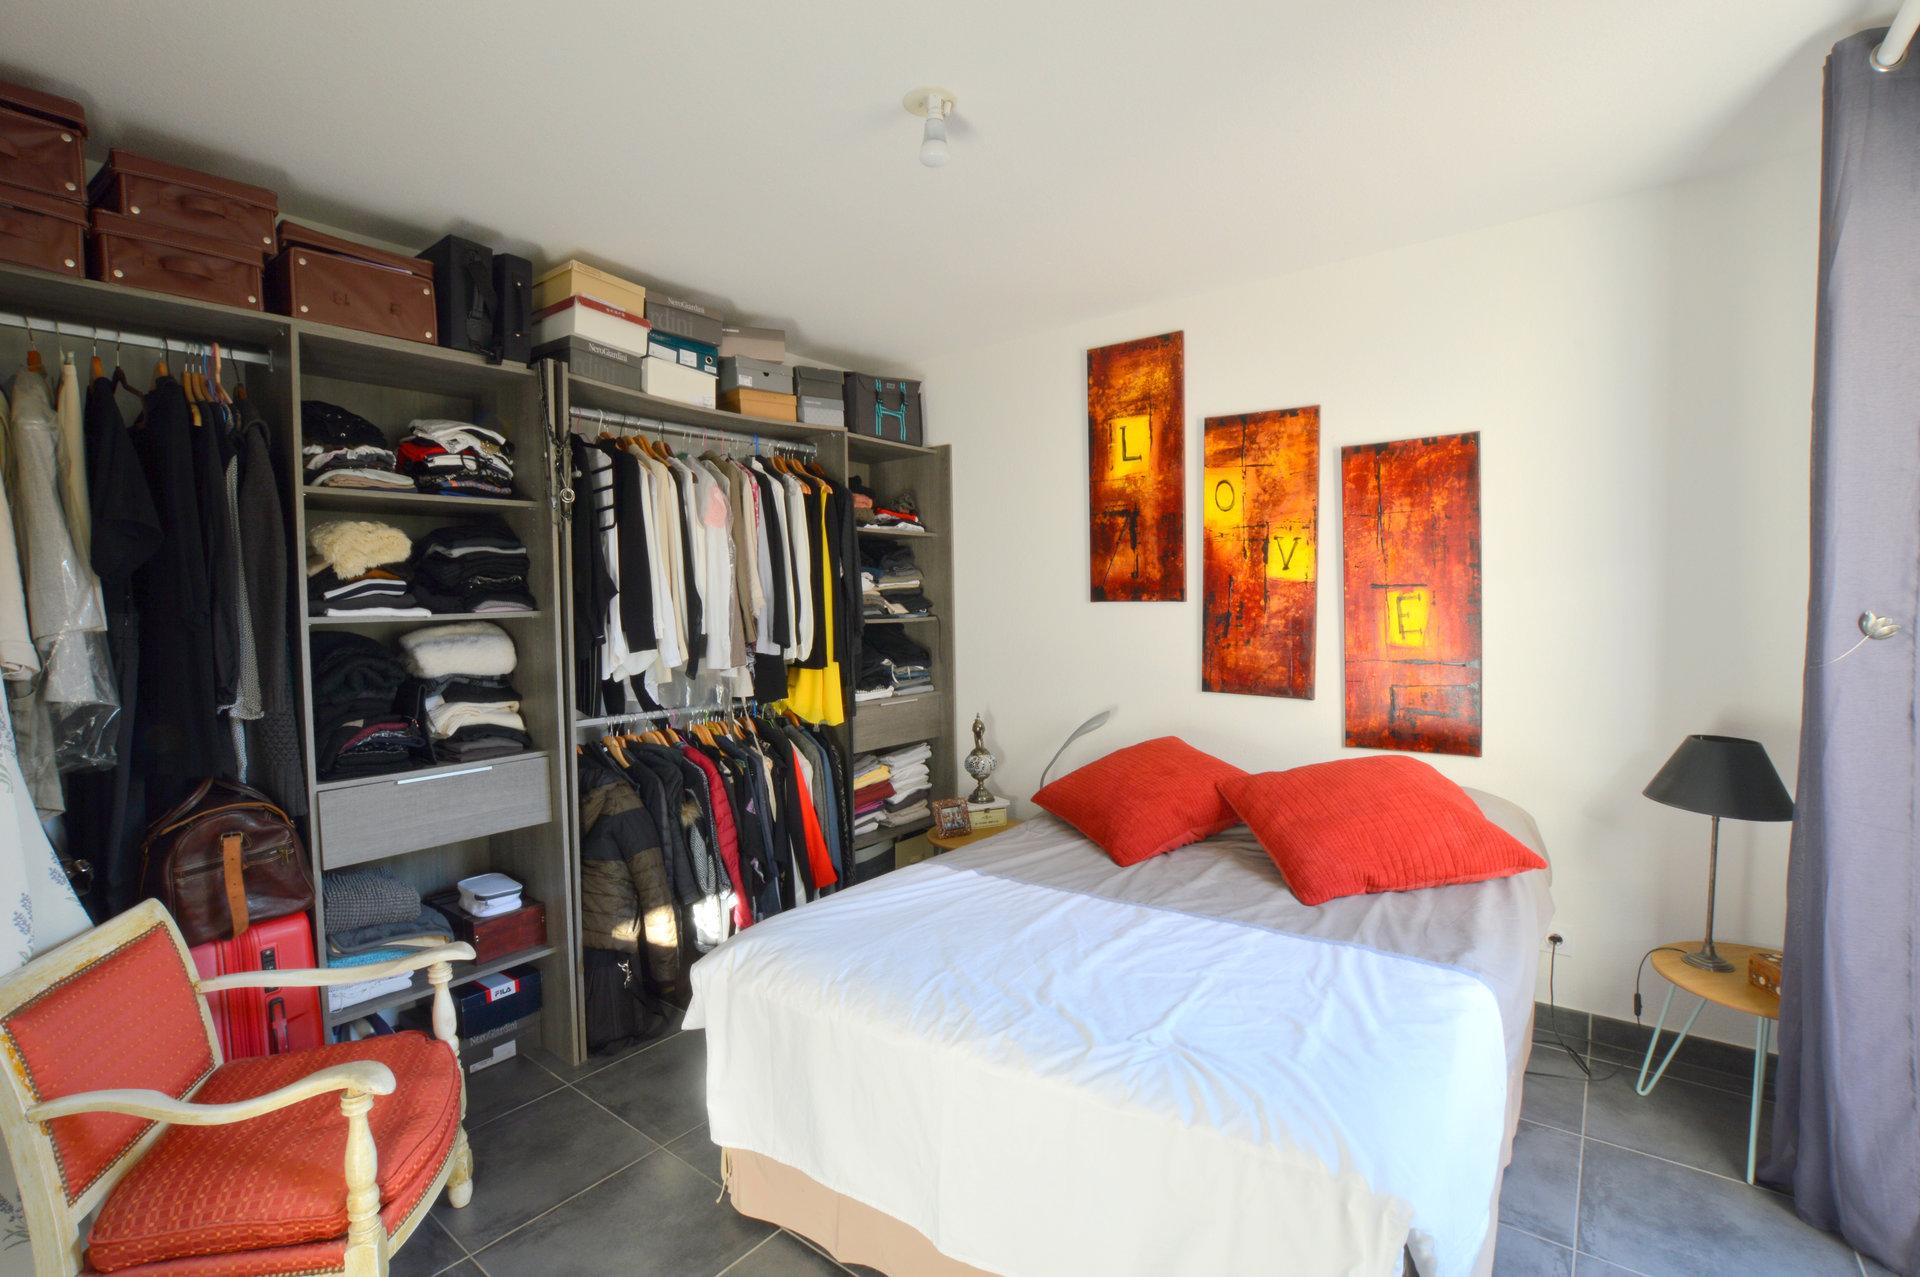 Maison 4 pièces  34170 Castelnau-le-Lez